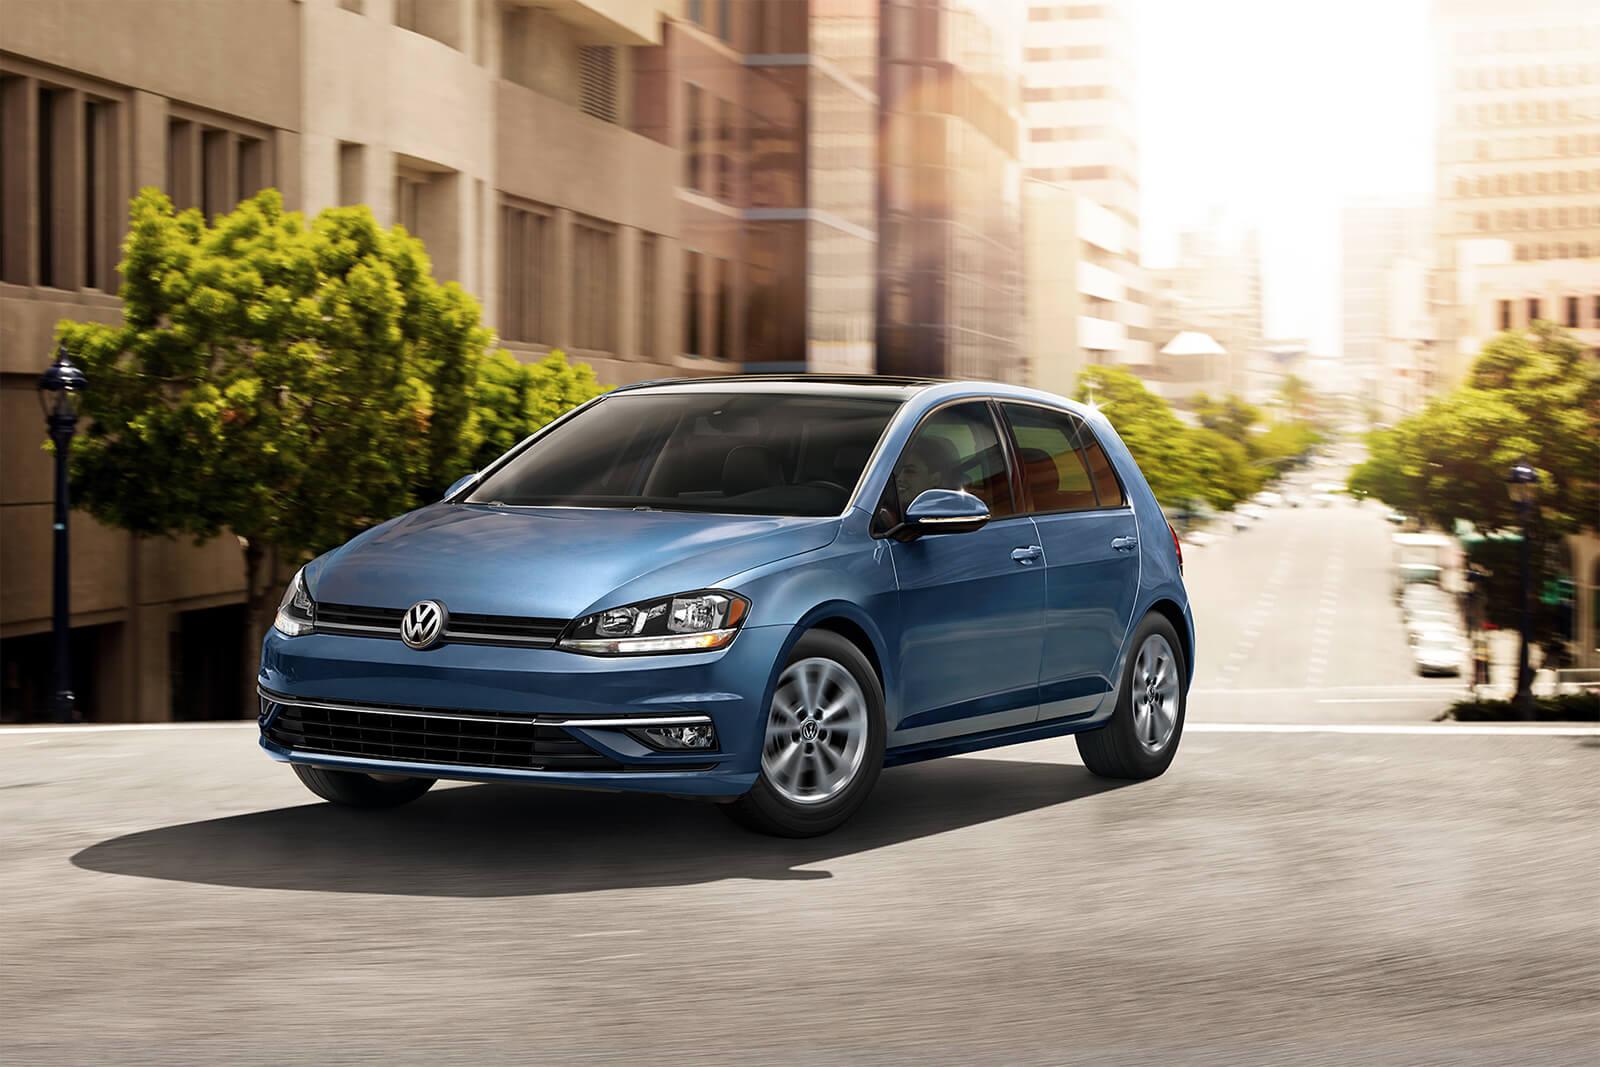 El Volkswagen Golf 2018 es puro estilo y desempeño